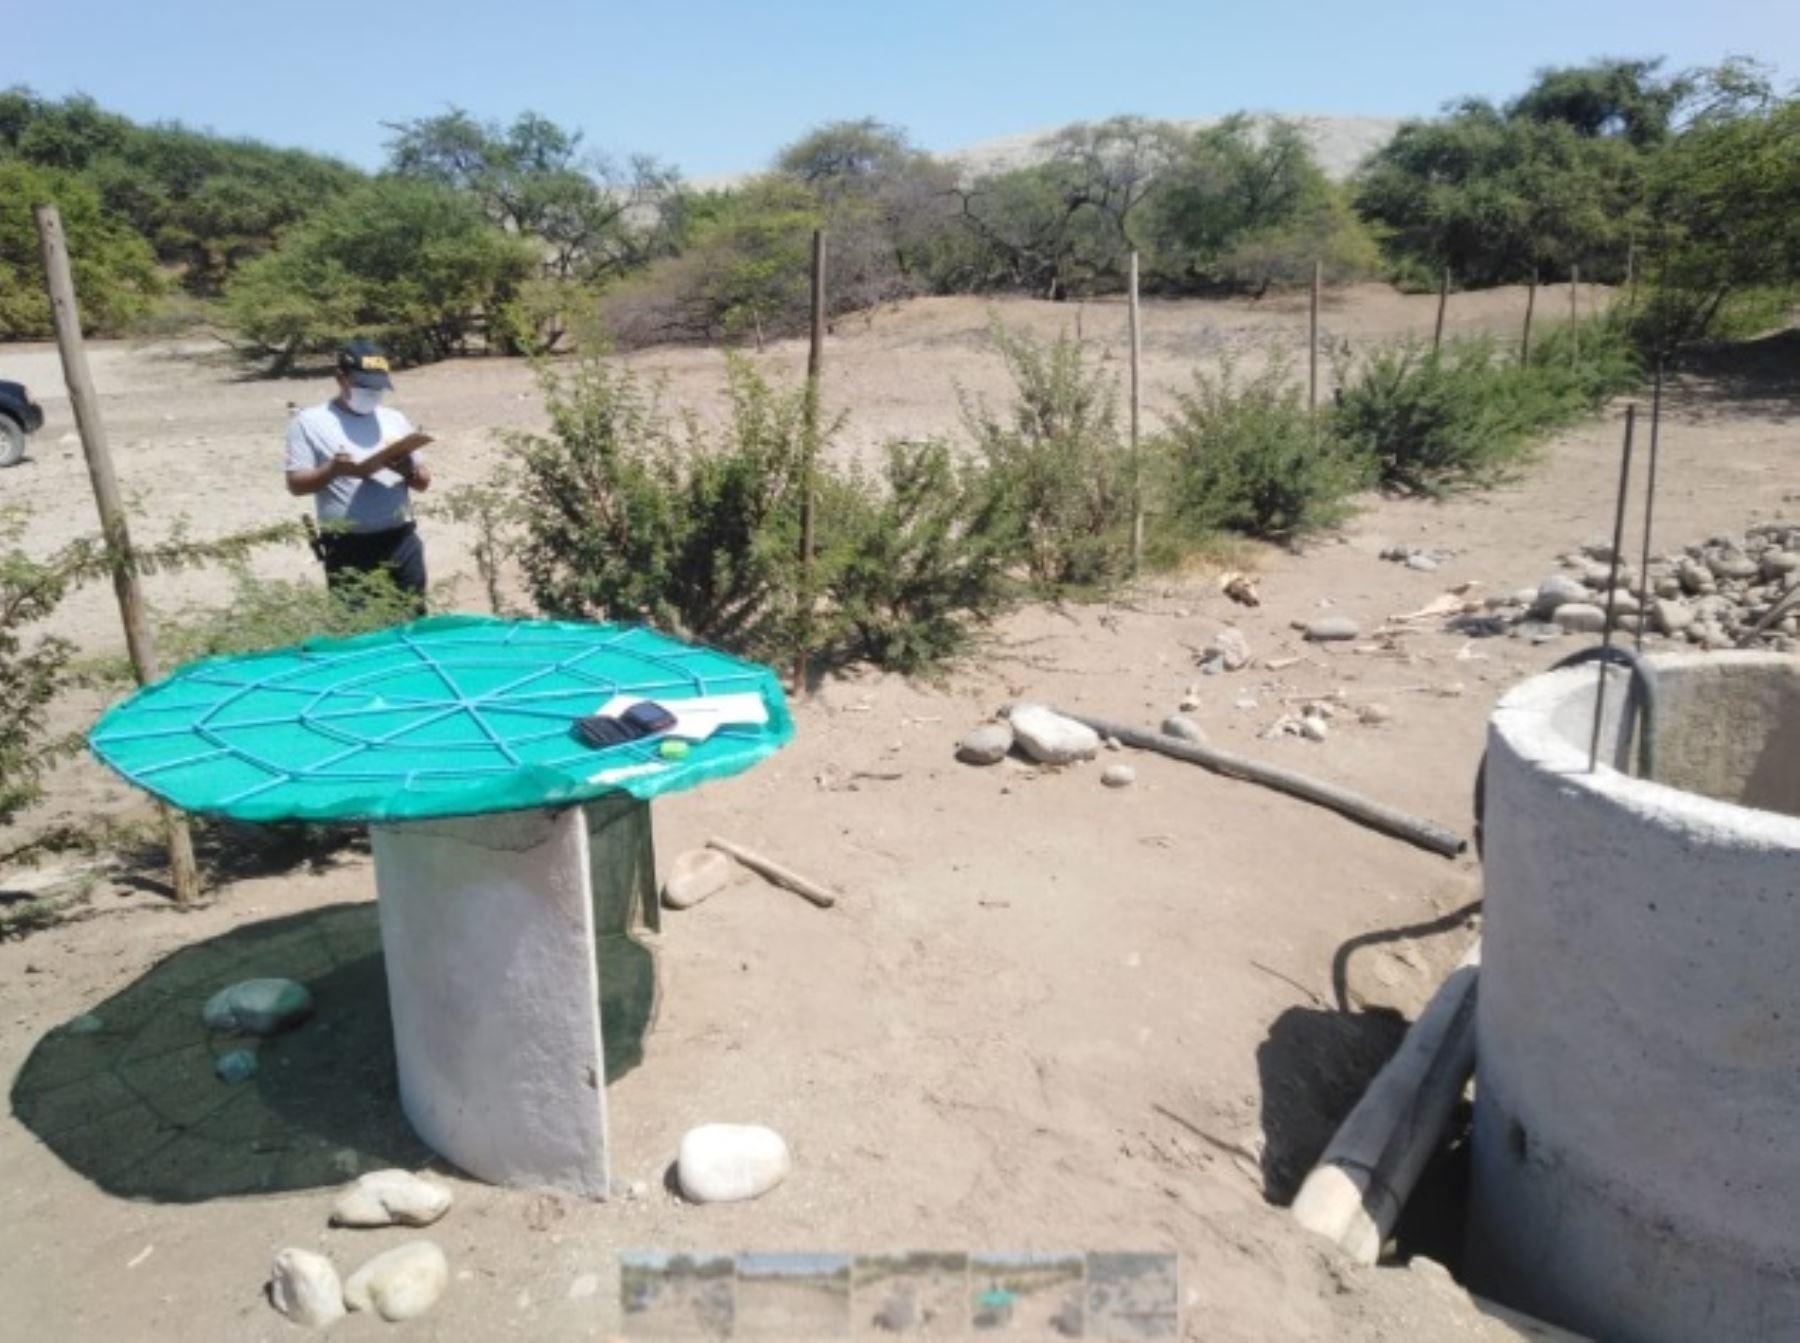 Especialistas del Ministerio de Cultura, en compañía de efectivos de la Policía Nacional del Perú, verificaron que vecinos de la zona arqueológica monumental Chankillo, en la región Áncash, han aprovechado la situación de emergencia para instalar un pozo de agua y plantones dentro de los límites, con la finalidad aparente de efectuar actividades agrícolas.